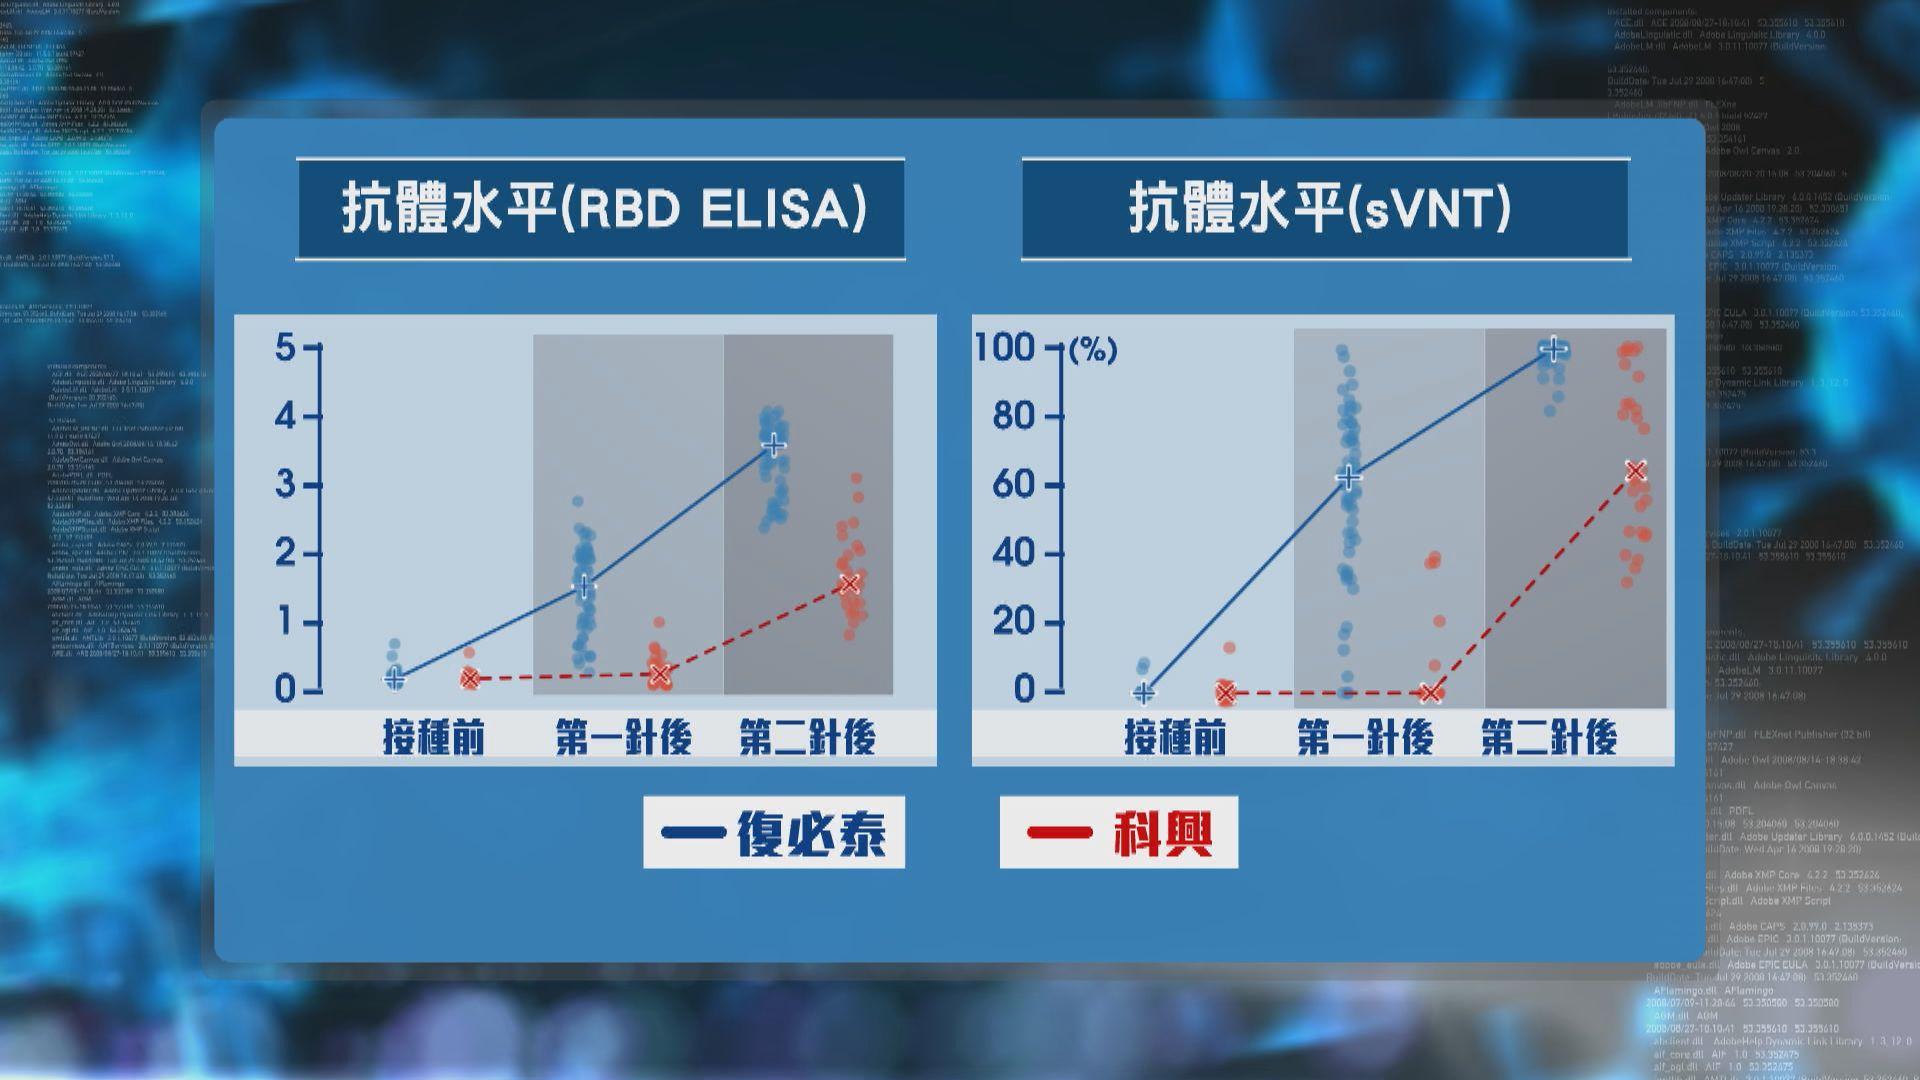 研究指兩劑復必泰抗體水平較科興高九倍 專家:抗體水平高有效防止感染